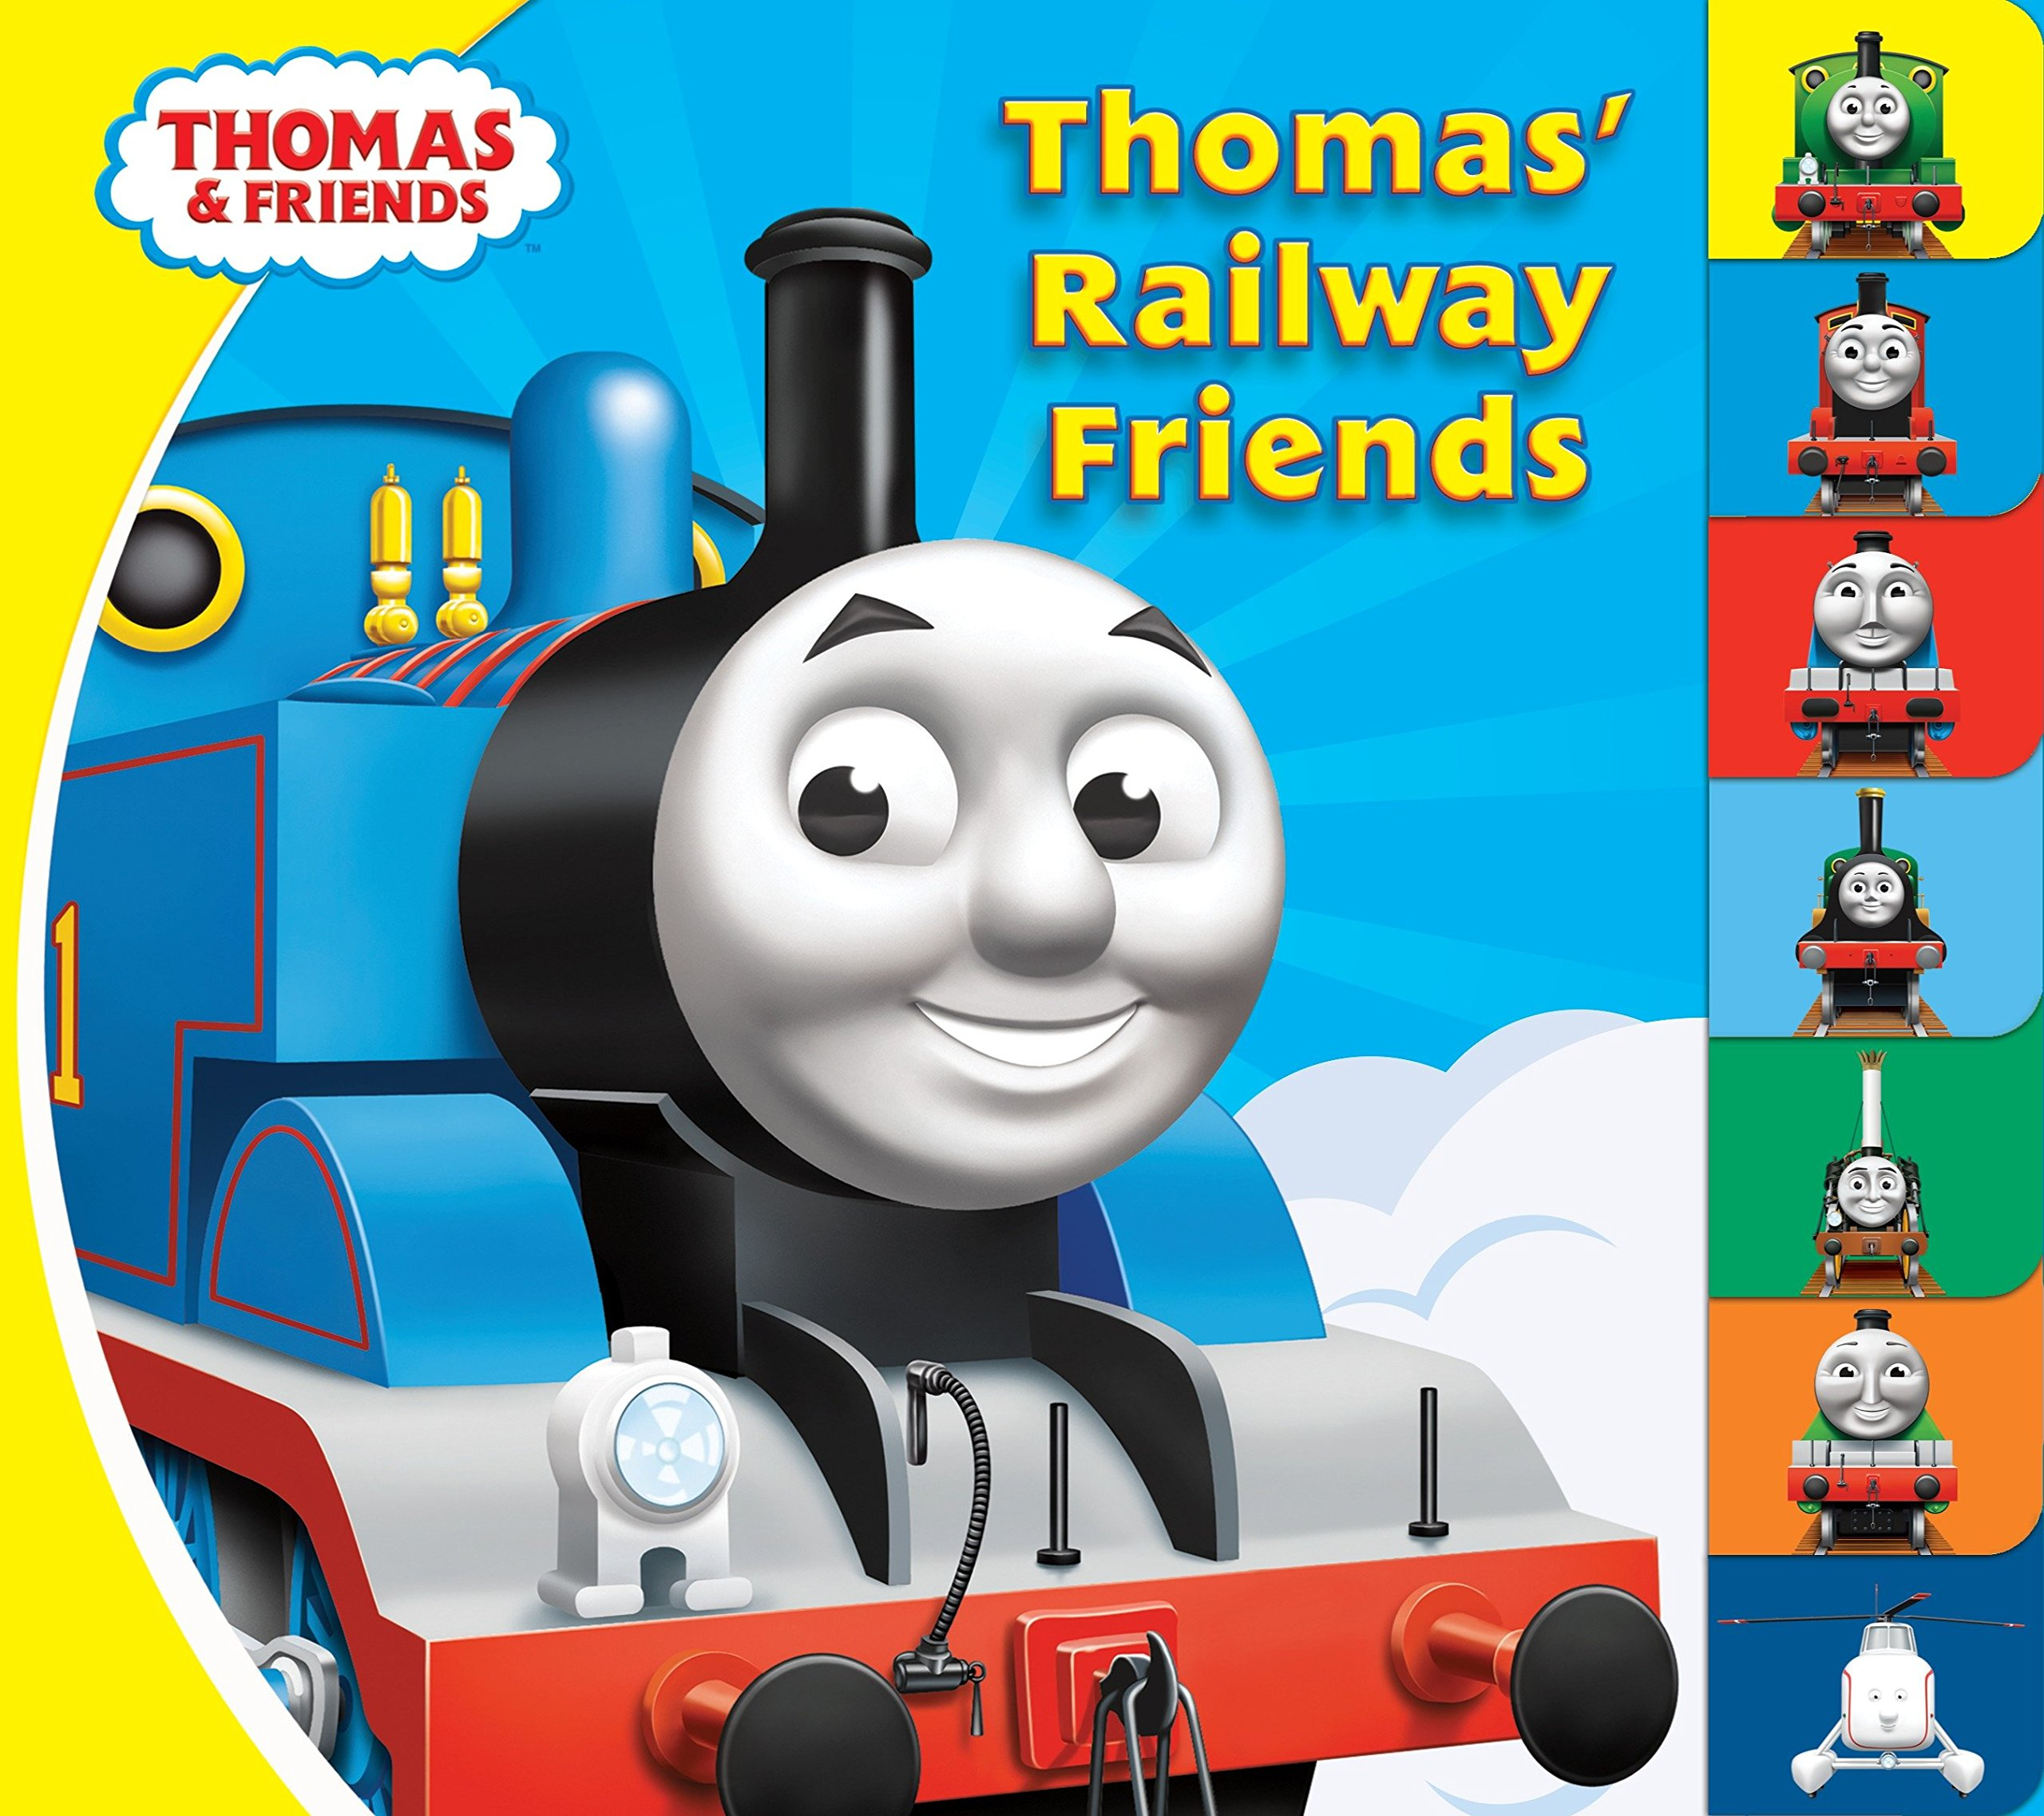 Thomas' Railway Friends (Thomas & Friends) ePub fb2 book